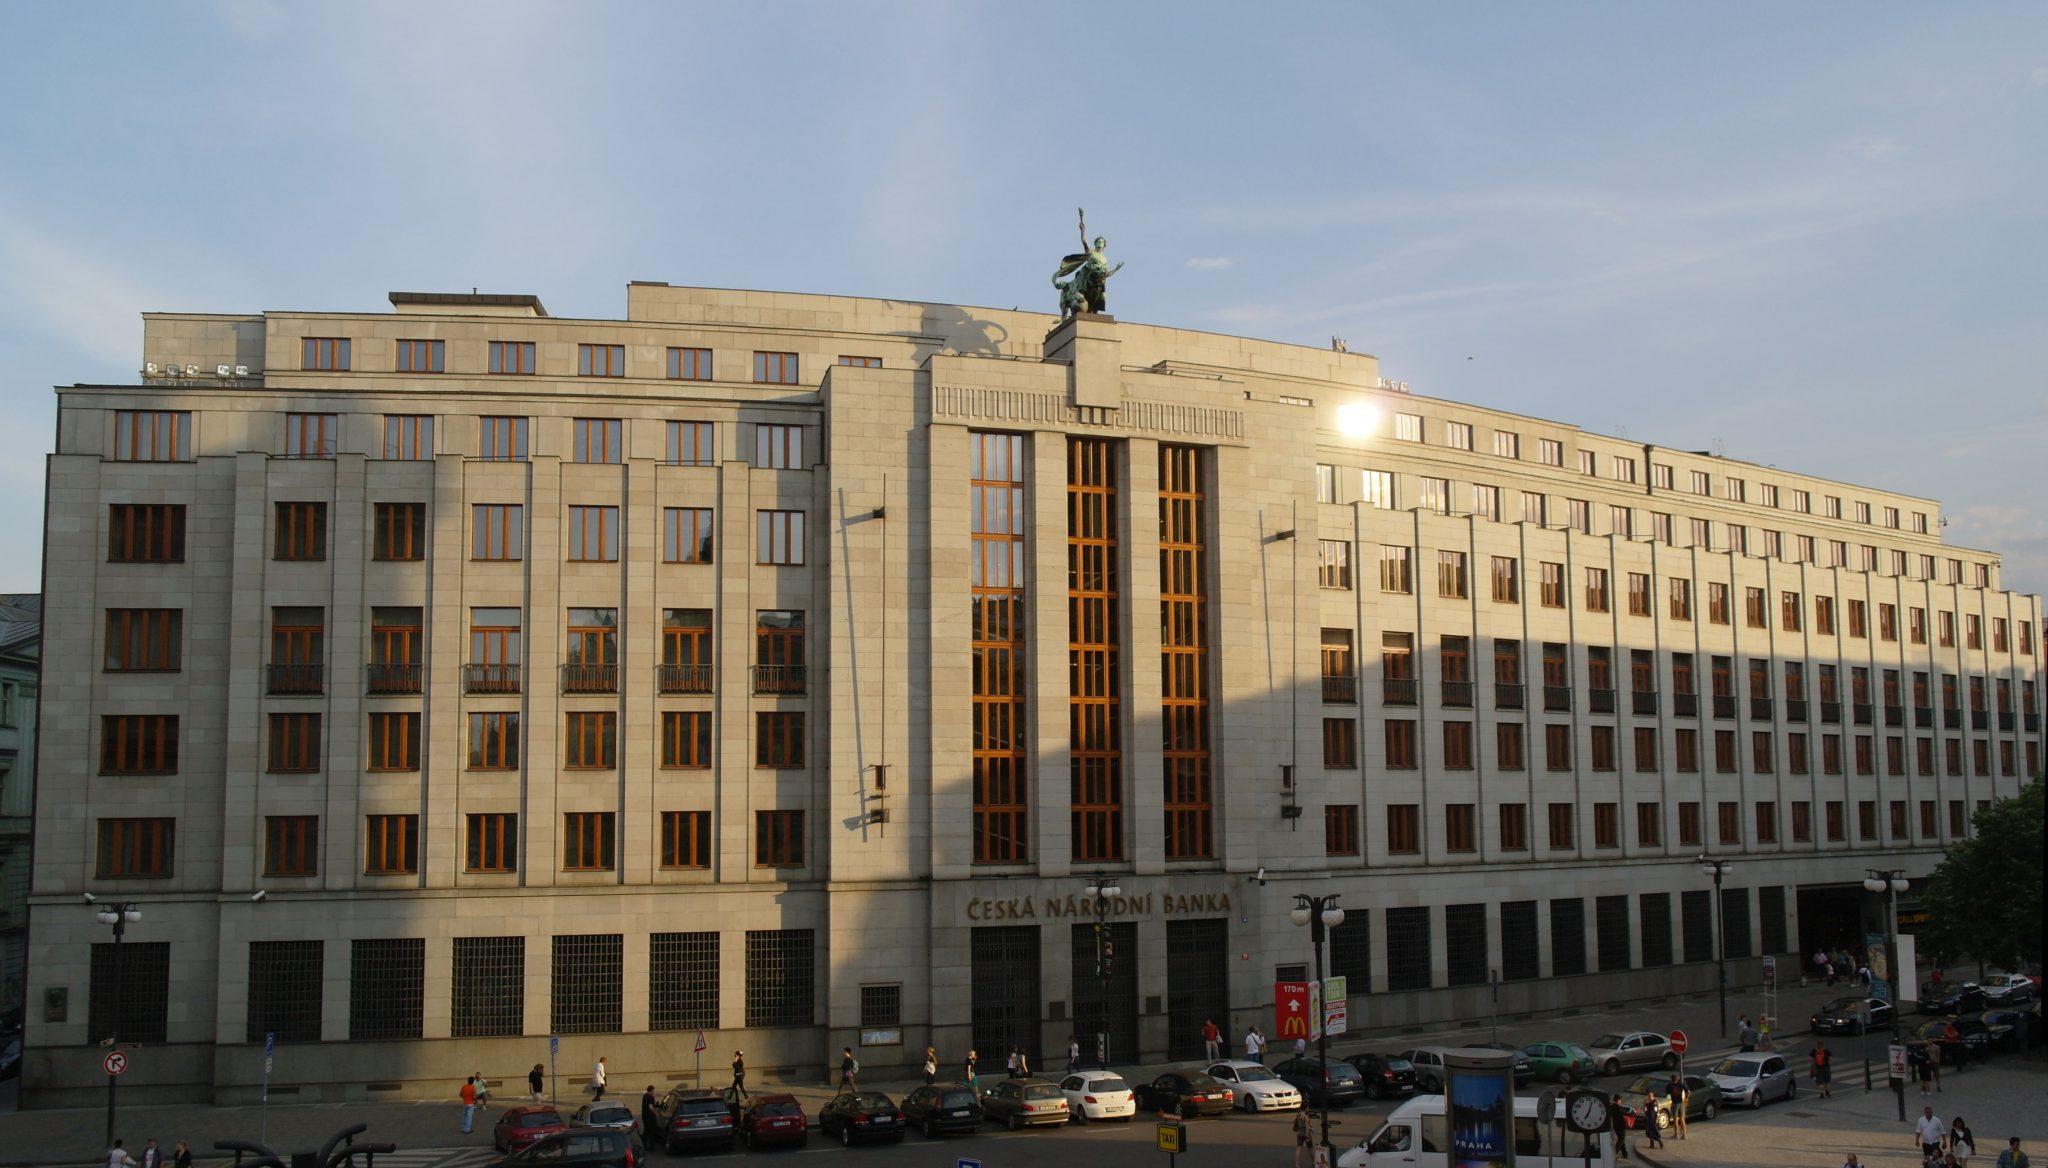 Sídlo České národní banky (ČNB) (Wikimedia Commons)